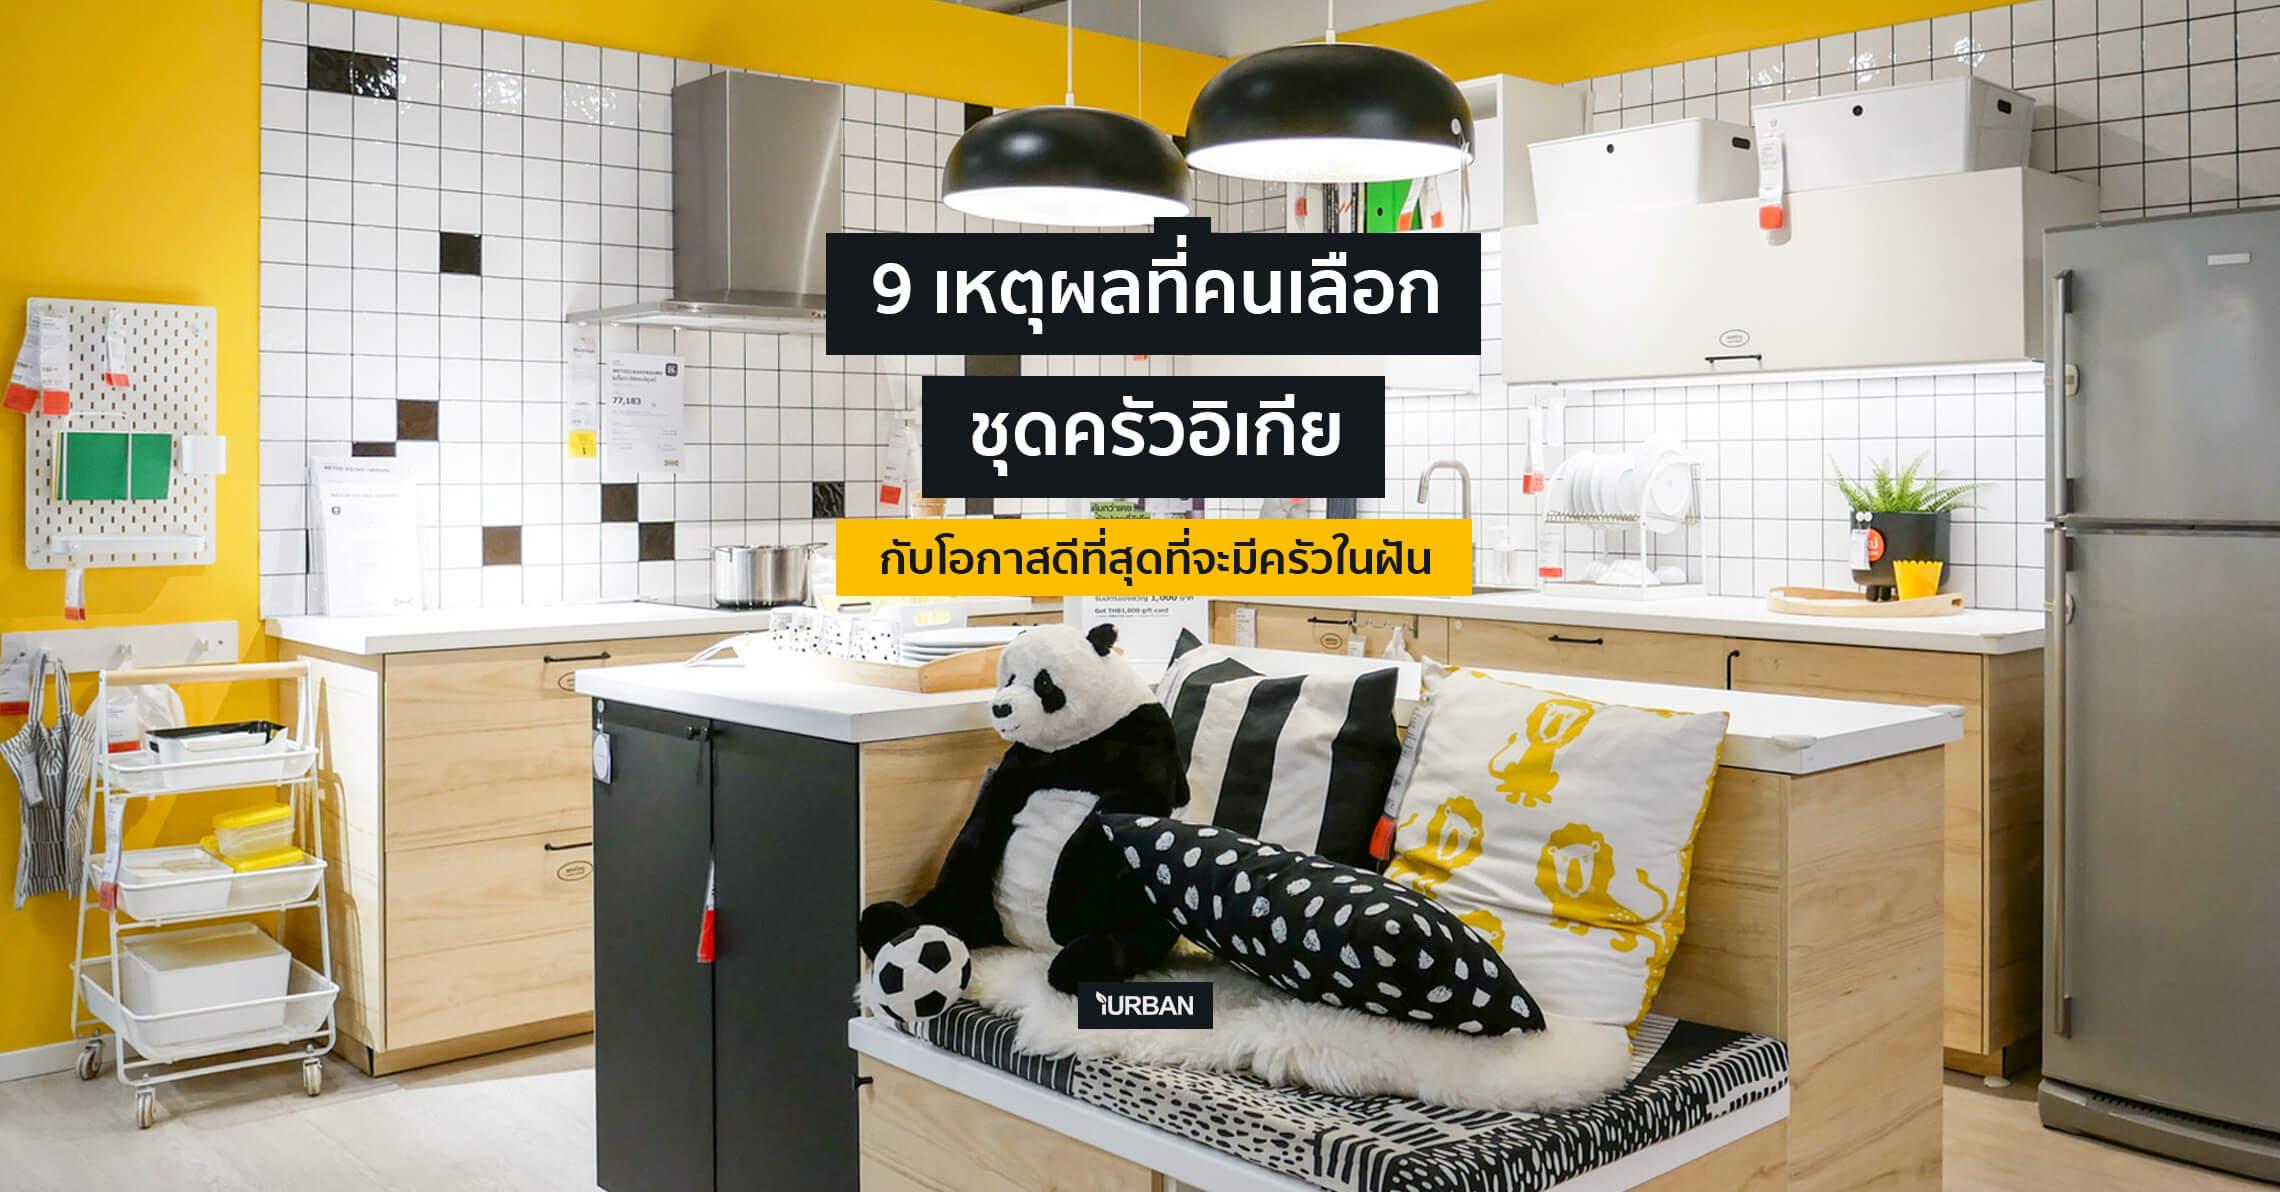 9 เหตุผลที่คนเลือกชุดครัวอิเกีย และโอกาสที่จะมีครัวในฝัน IKEA METOD/เมท็อด โปรนี้ดีที่สุดแล้ว #ถึง17มีนา 13 - IKEA (อิเกีย)